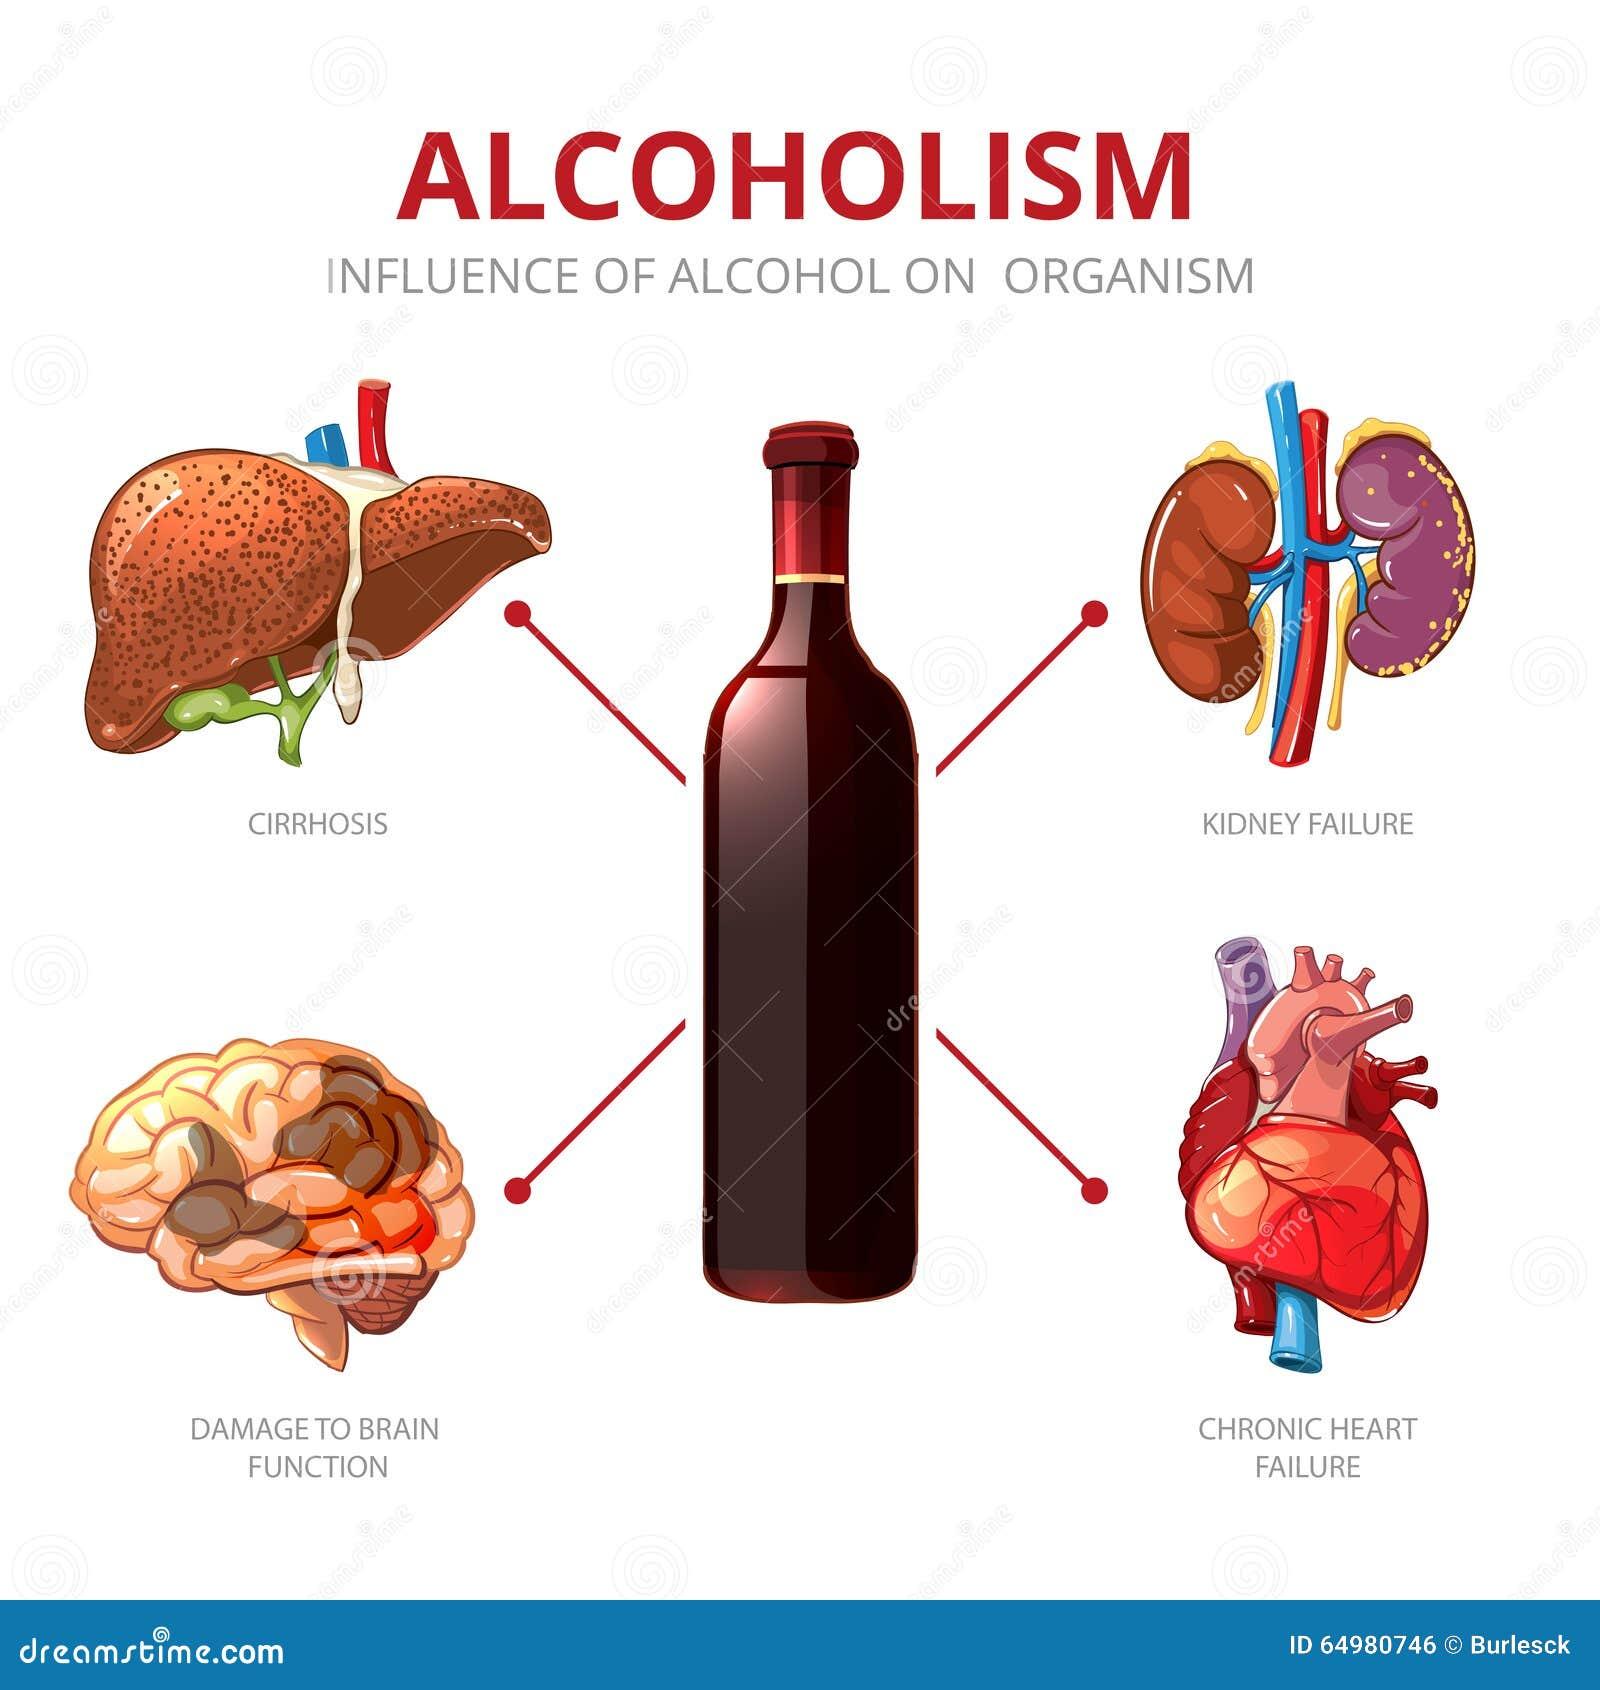 efectos inmediatos y a largo plazo que produce el alcohol en el organismo